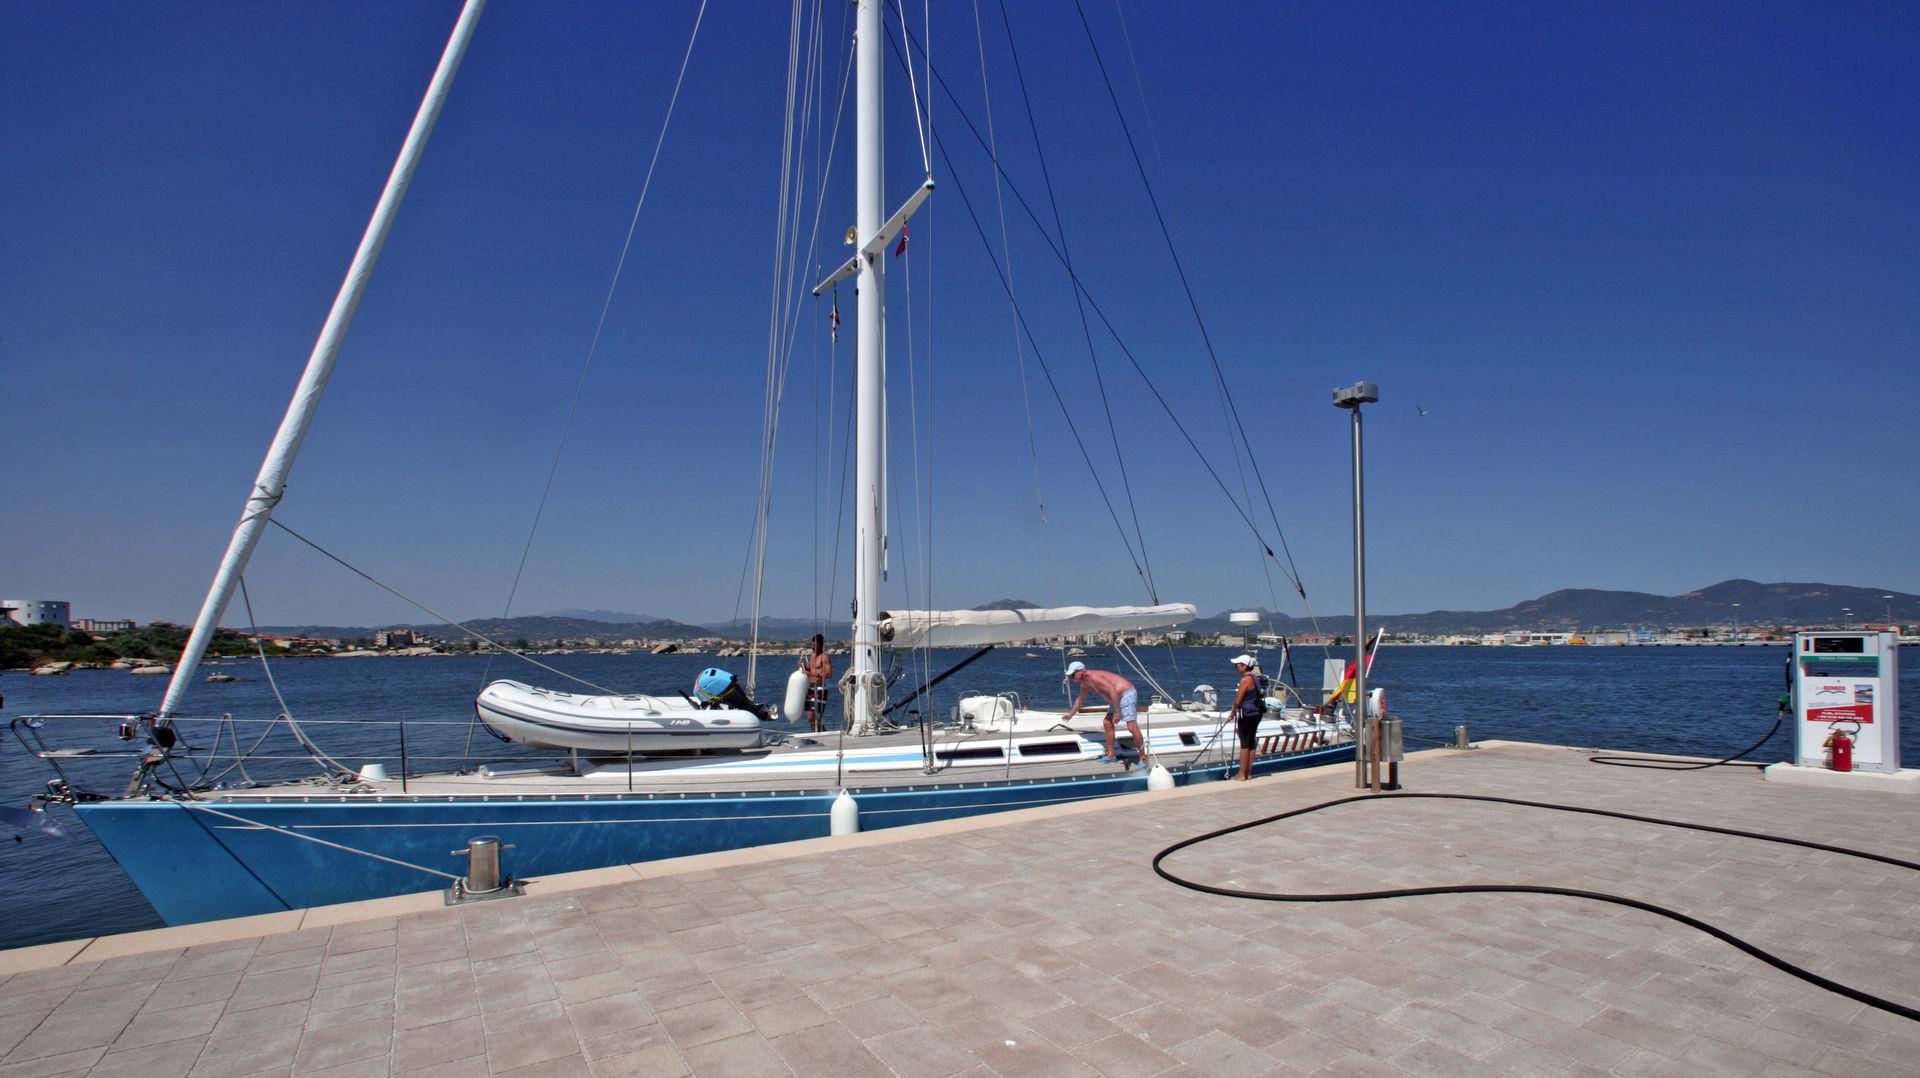 Marina di Olbia - Rifornimento di carburante vl1f8368